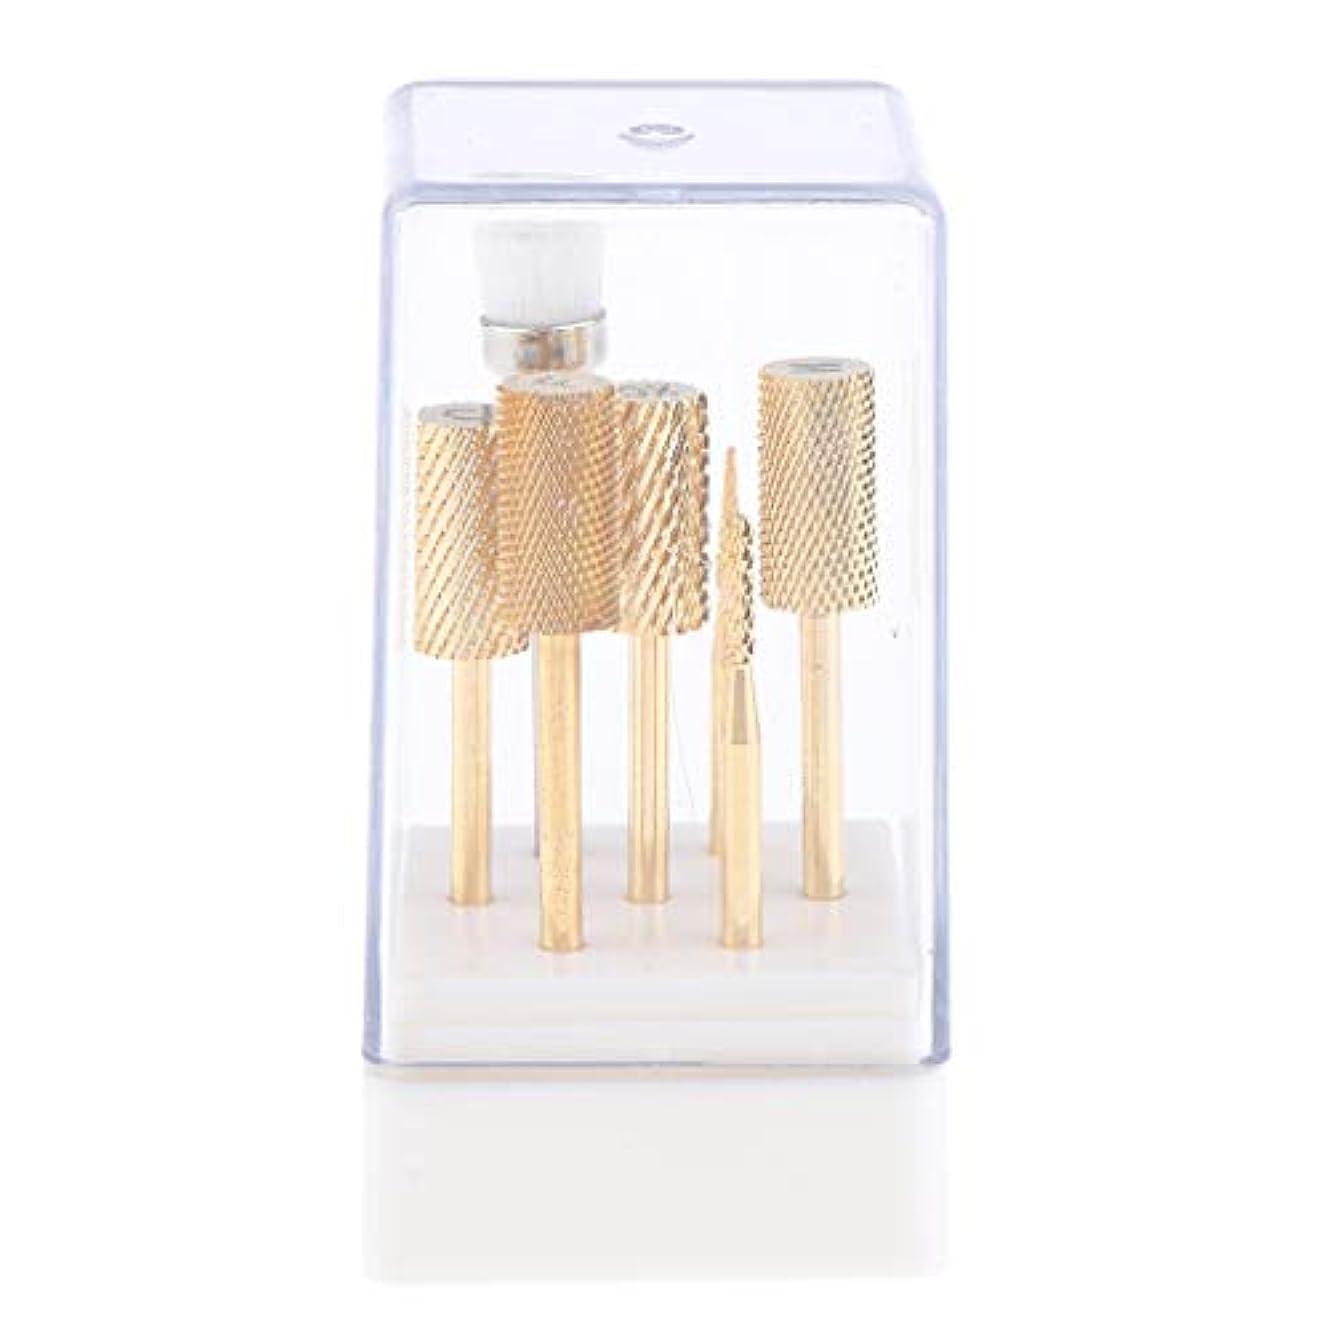 除外する悲鳴ダイヤモンド7点 ネイルドリルビット 電動ネイルマシン適用 ゴールド ケース付き